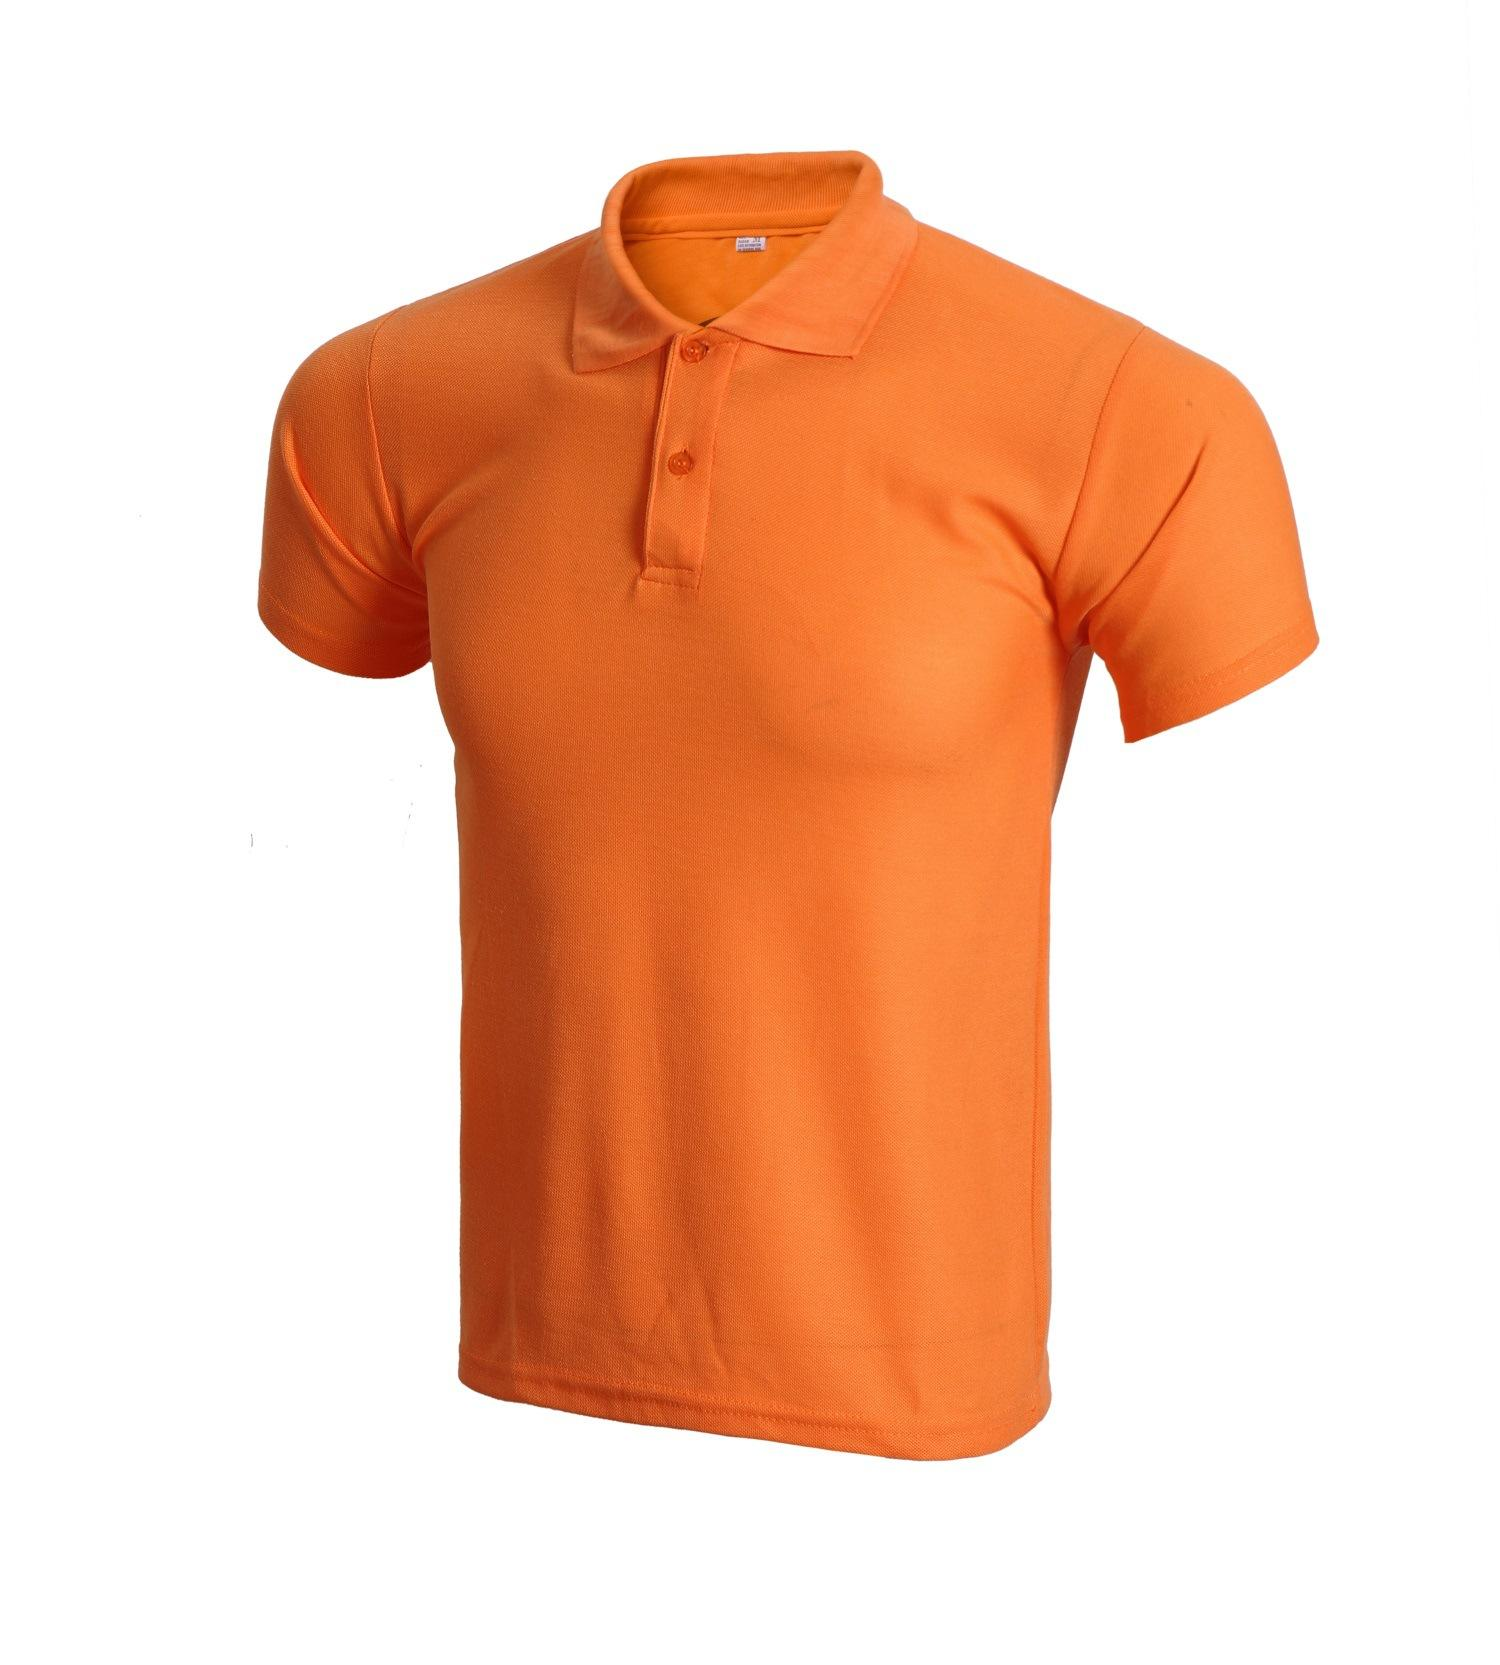 Новый стиль Гольф Мужская одежда новый стиль лето с коротким рукавом футболка Slim-Fit рубашка поло рекламная рубашка для бронирования больших товаров